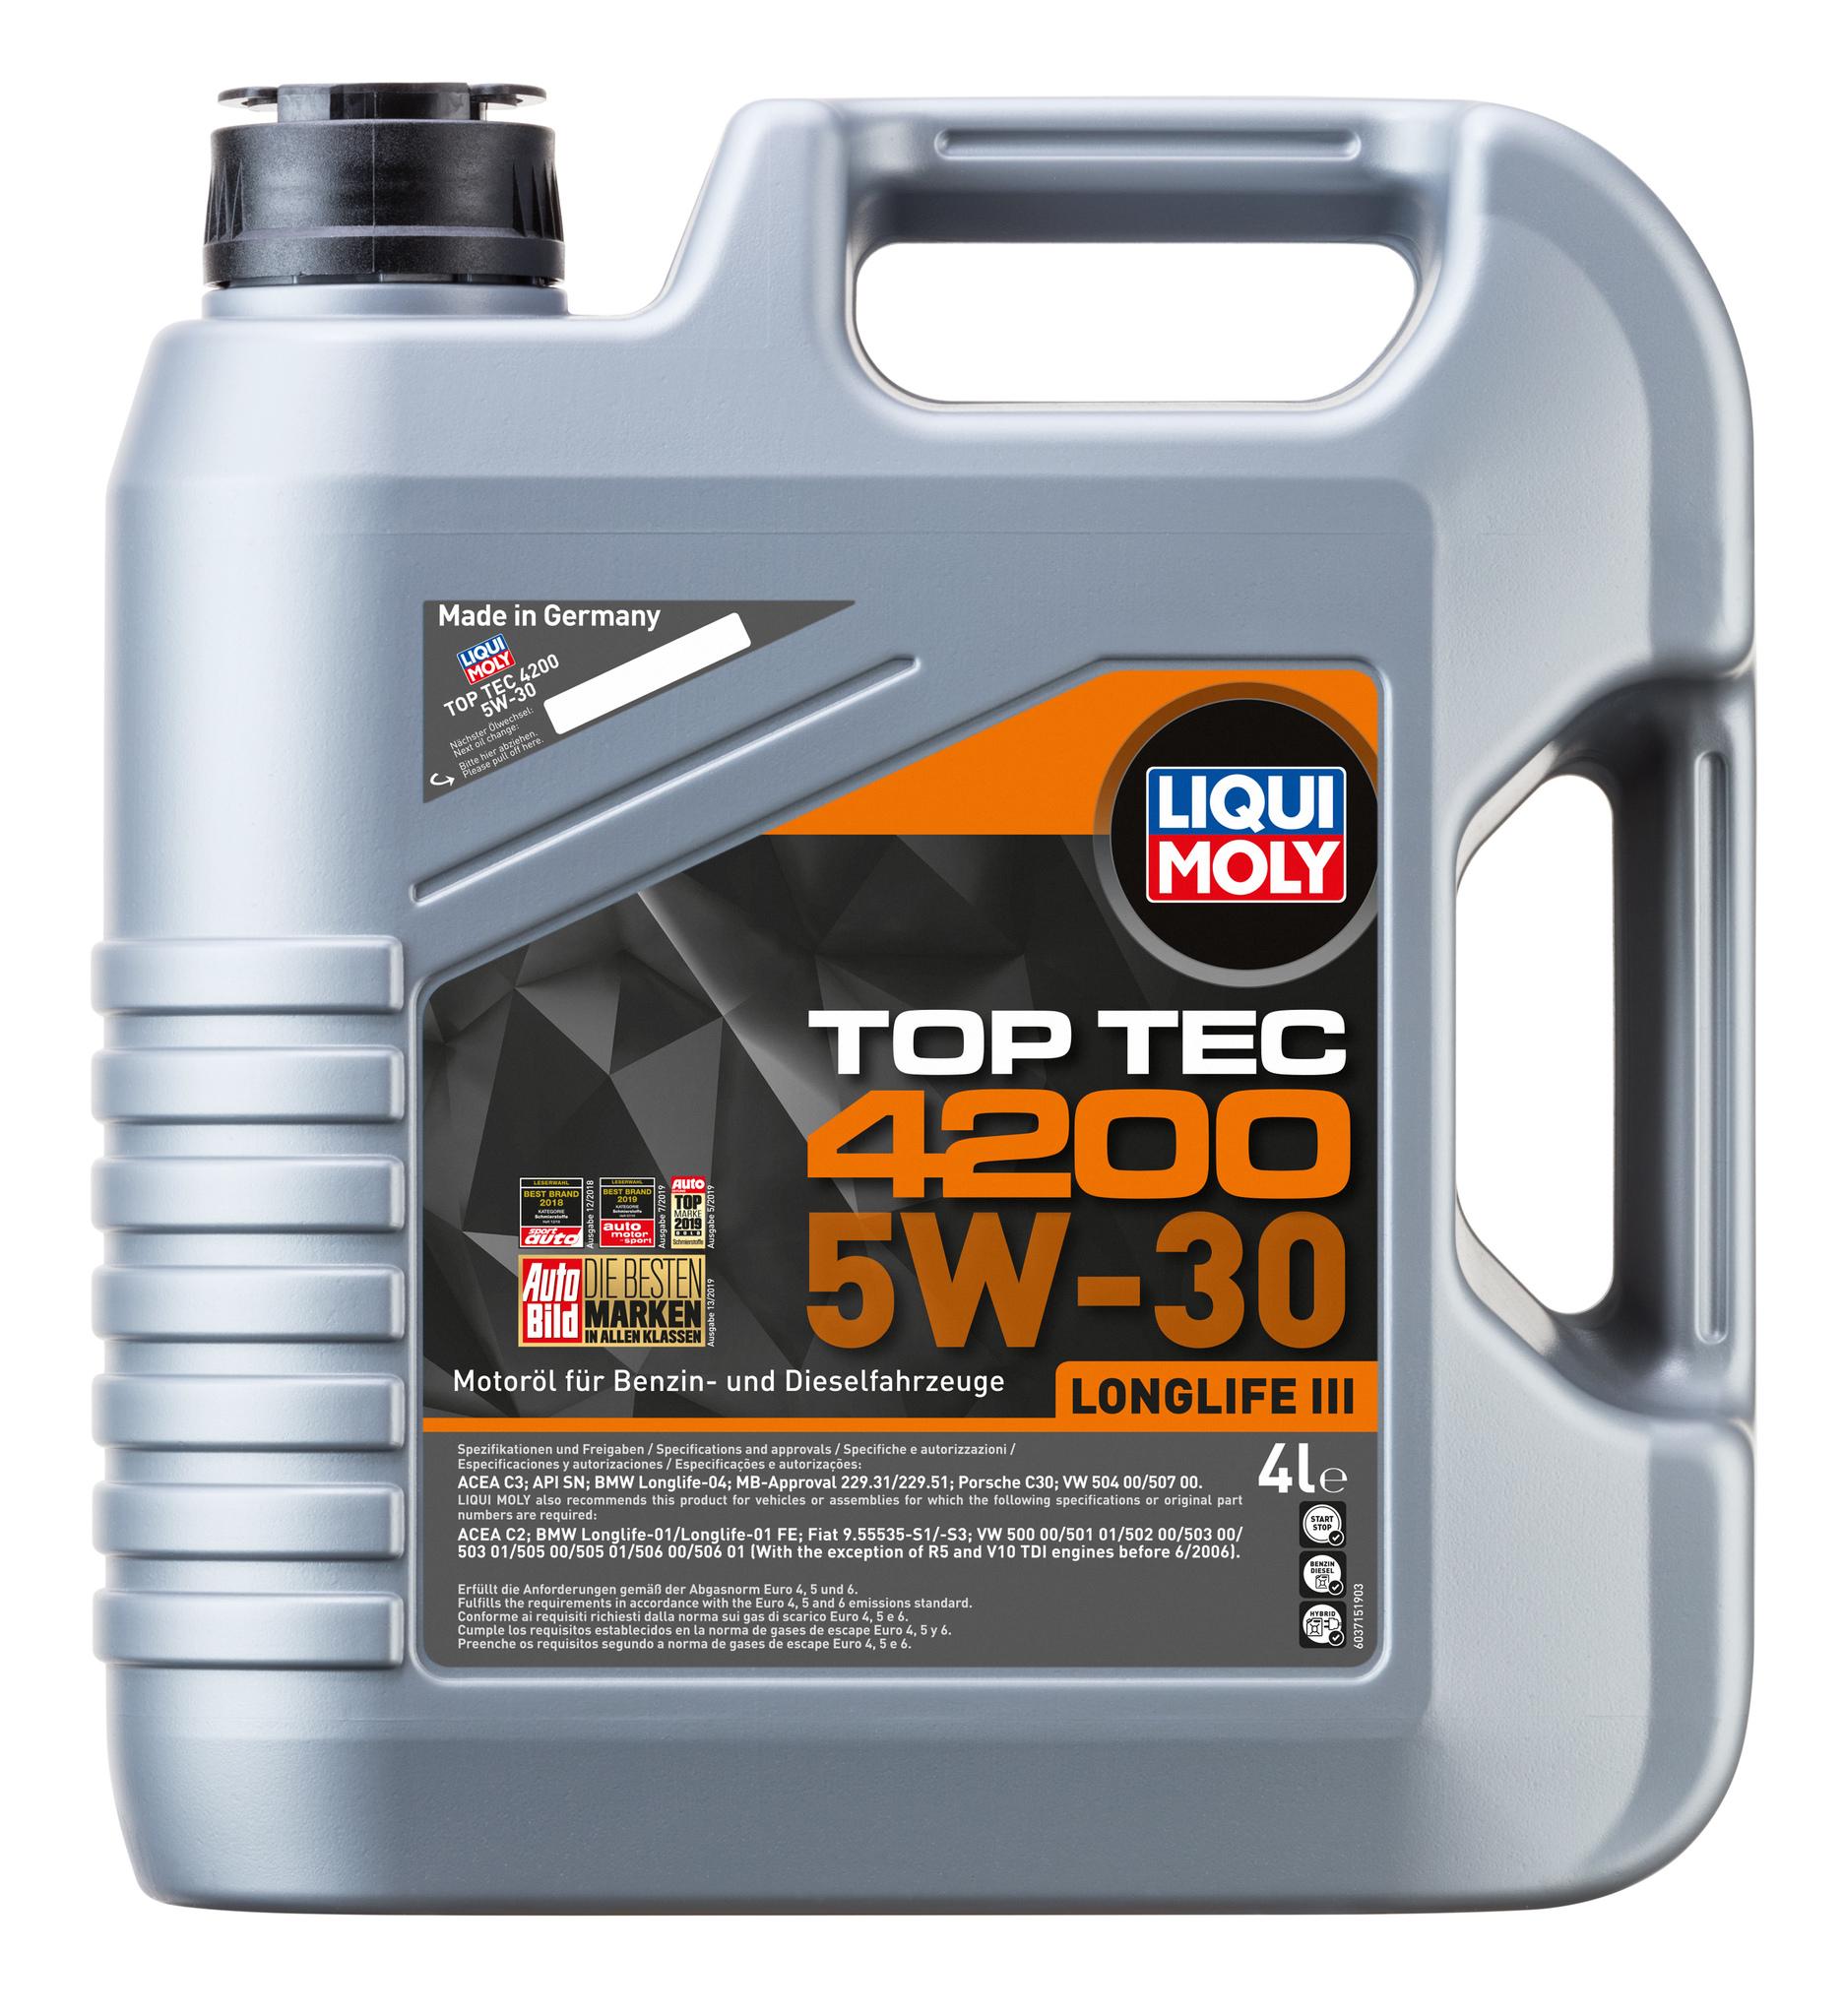 Liqui Moly Top Tec 4200 5W30 НС синтетическое моторное масло  для Volkswagen, Audi (3715)